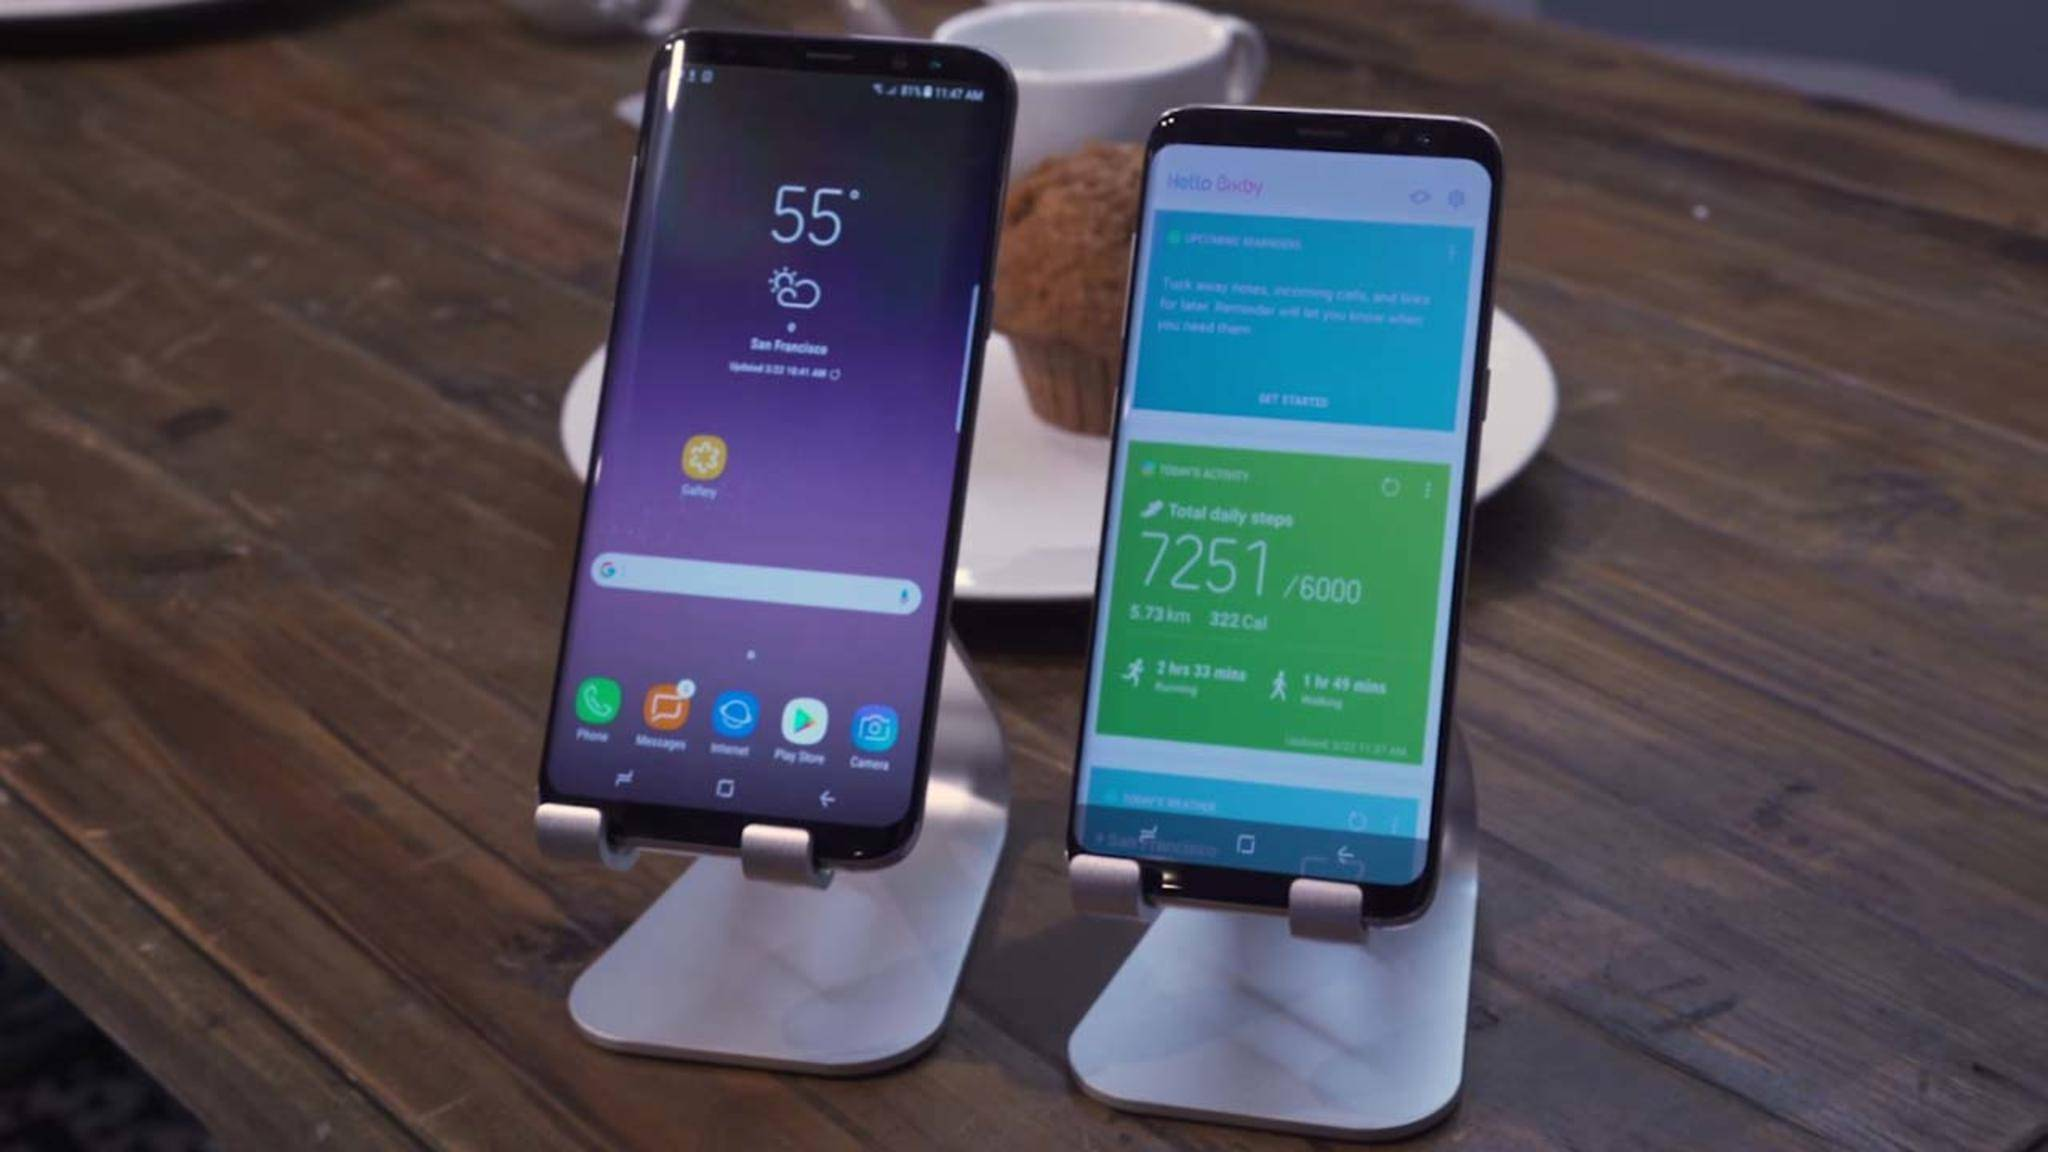 Bei aktiviertem Display funktioniert das Schnellladen der Galaxy S8-Smartphones nicht.